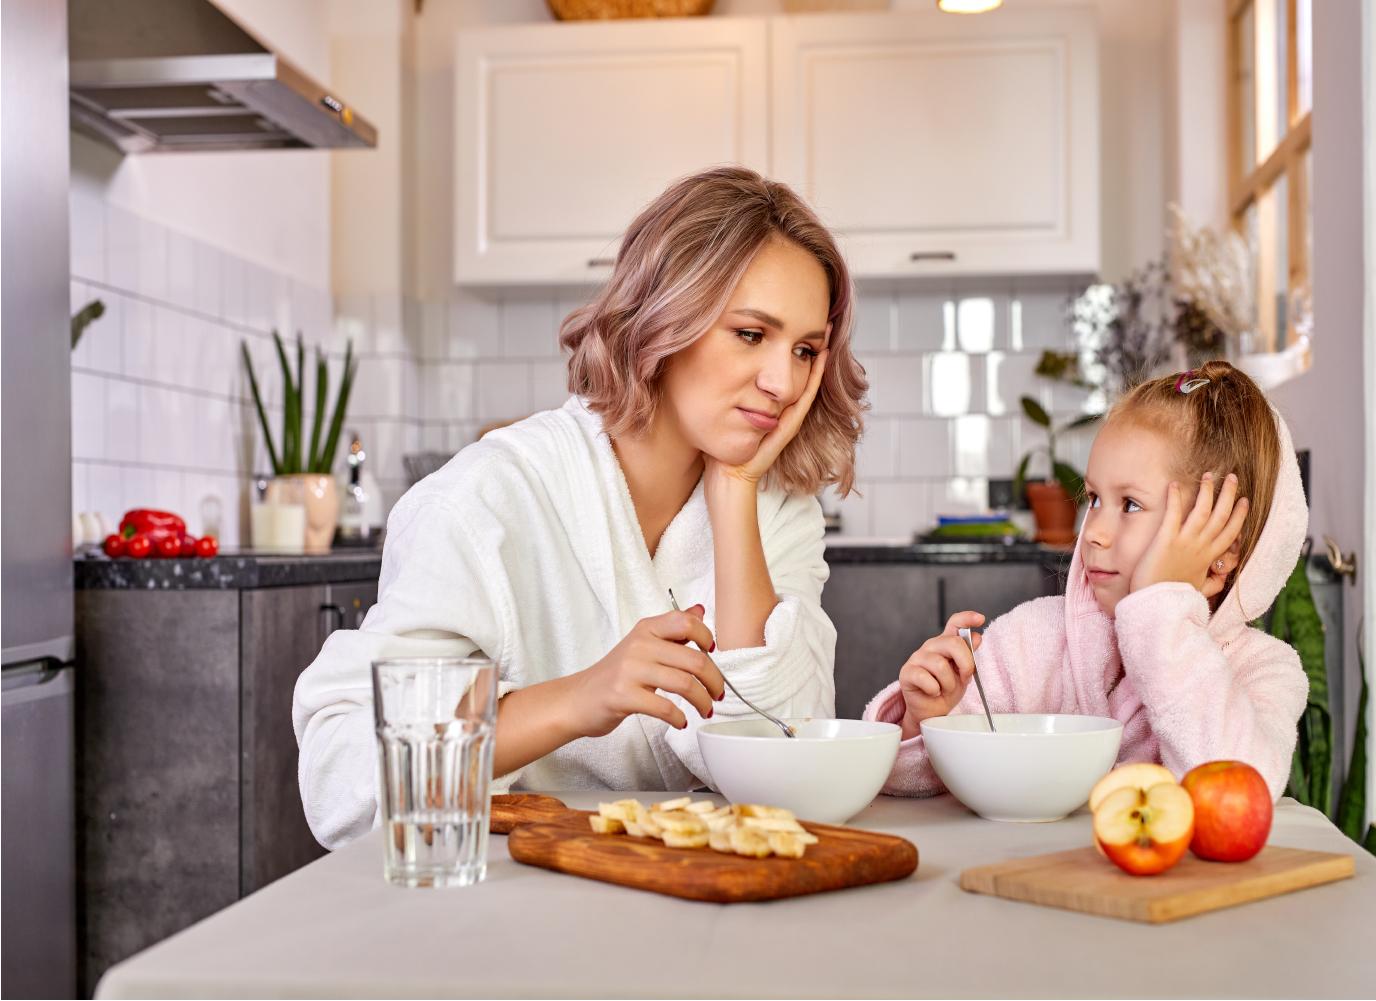 Gợi ý thực đơn cho bé 2 tuổi suy dinh dưỡng tăng cân nhanh chóng